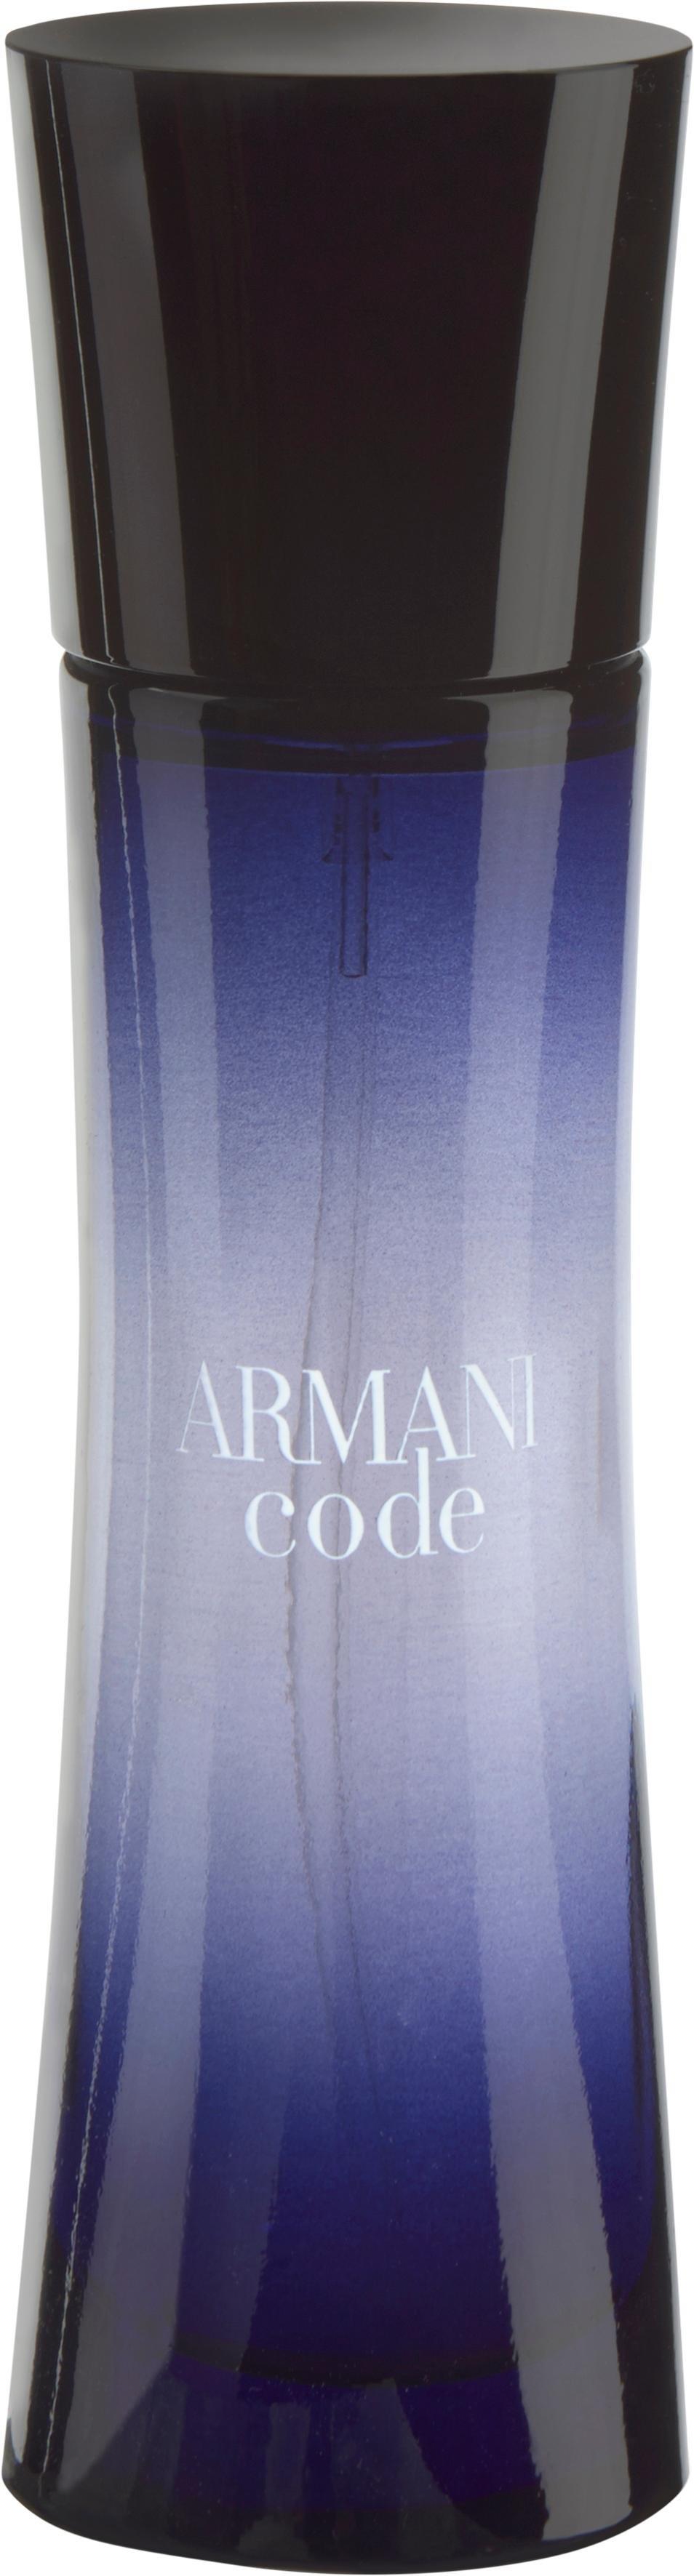 Giorgio Armani Eau de parfum Code Femme voordelig en veilig online kopen